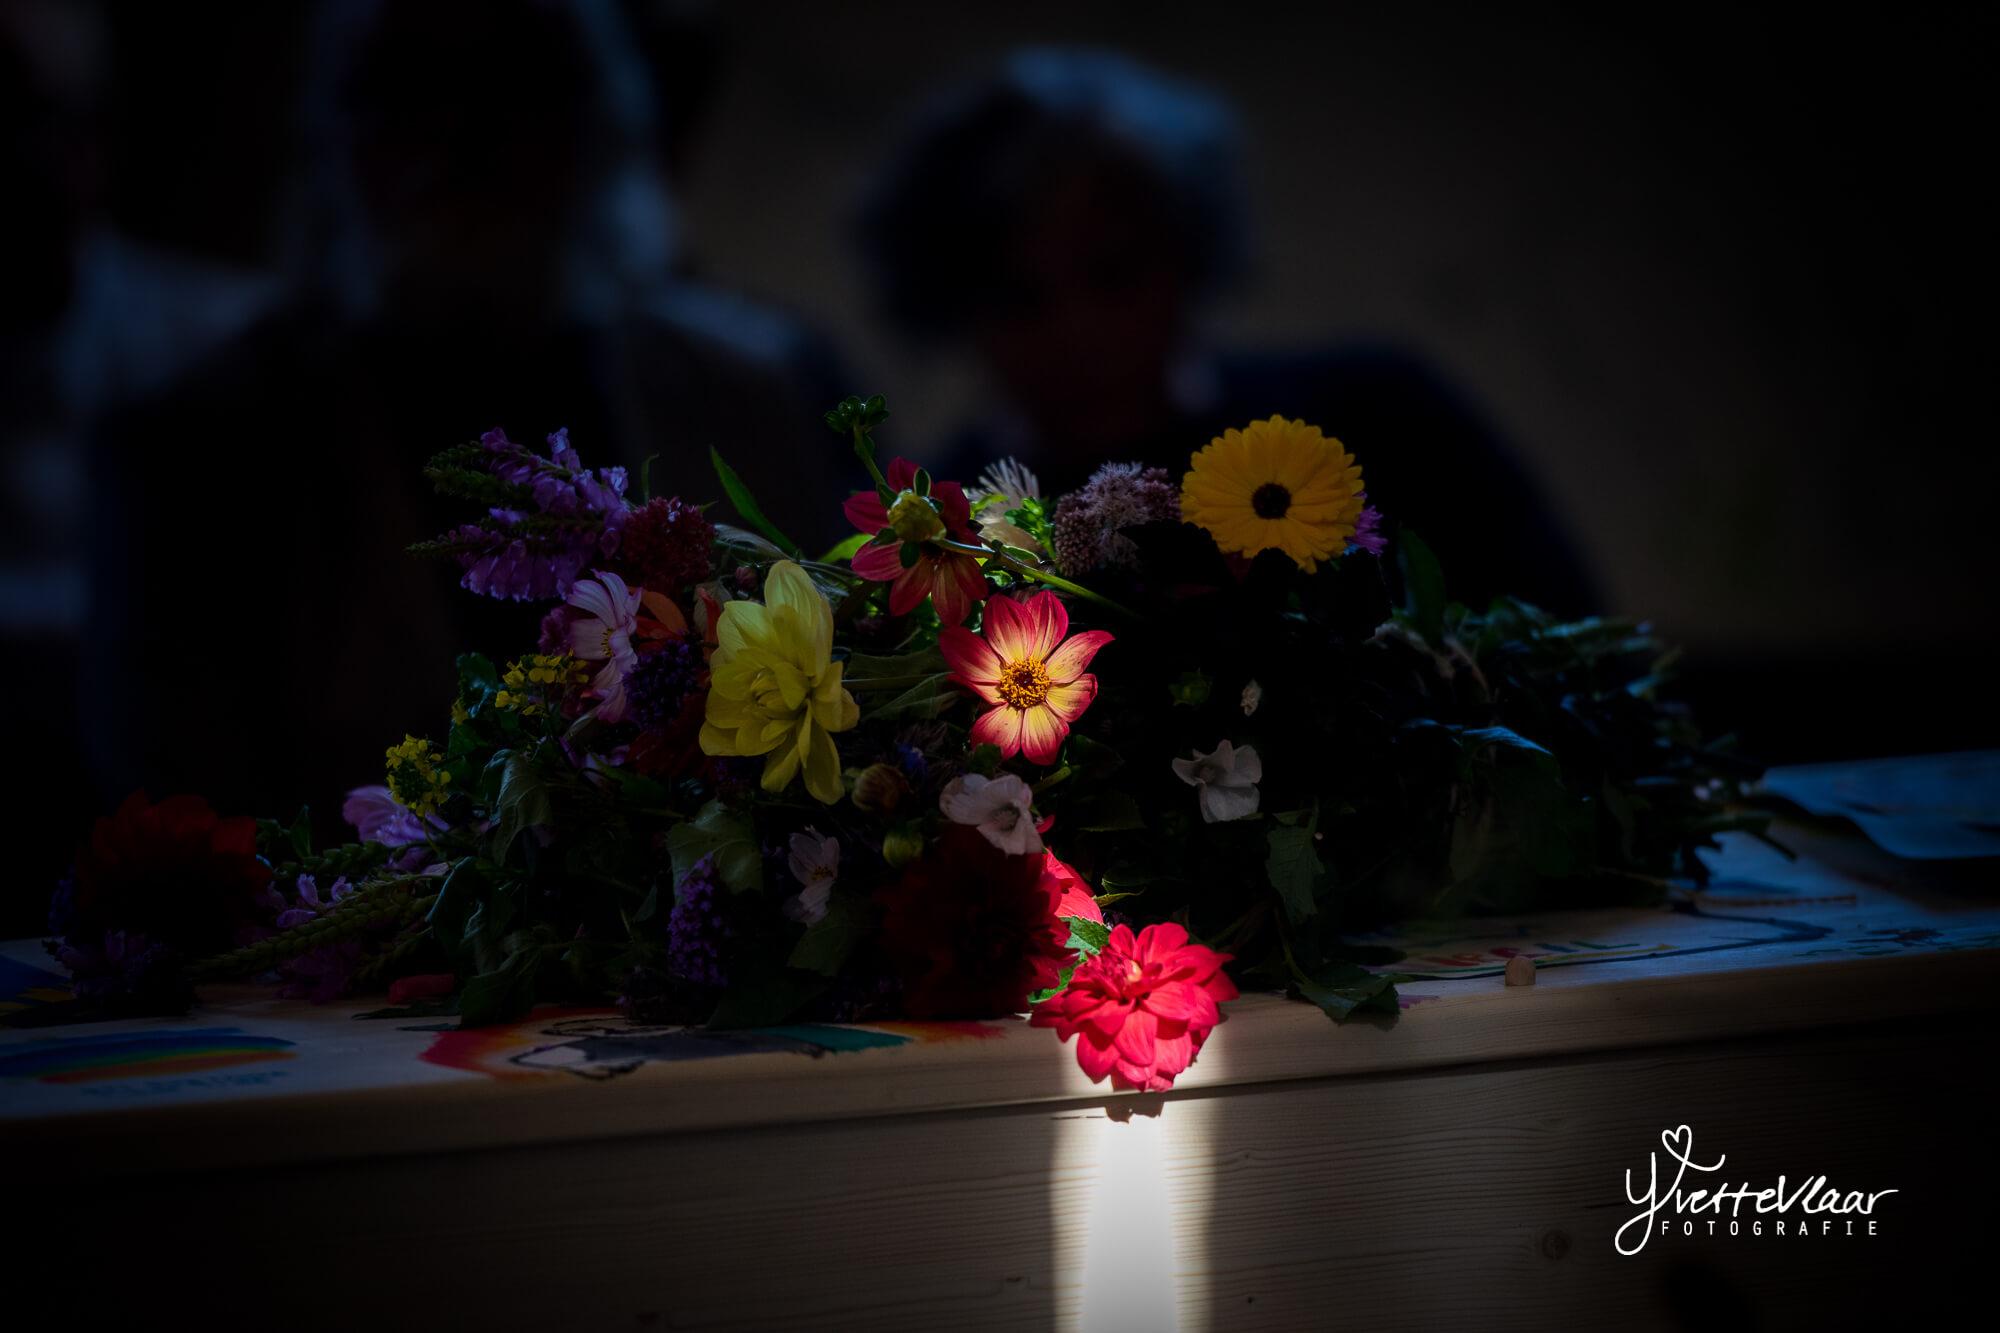 uitvaart-kerk-friesland-afscheidsfotografie-008